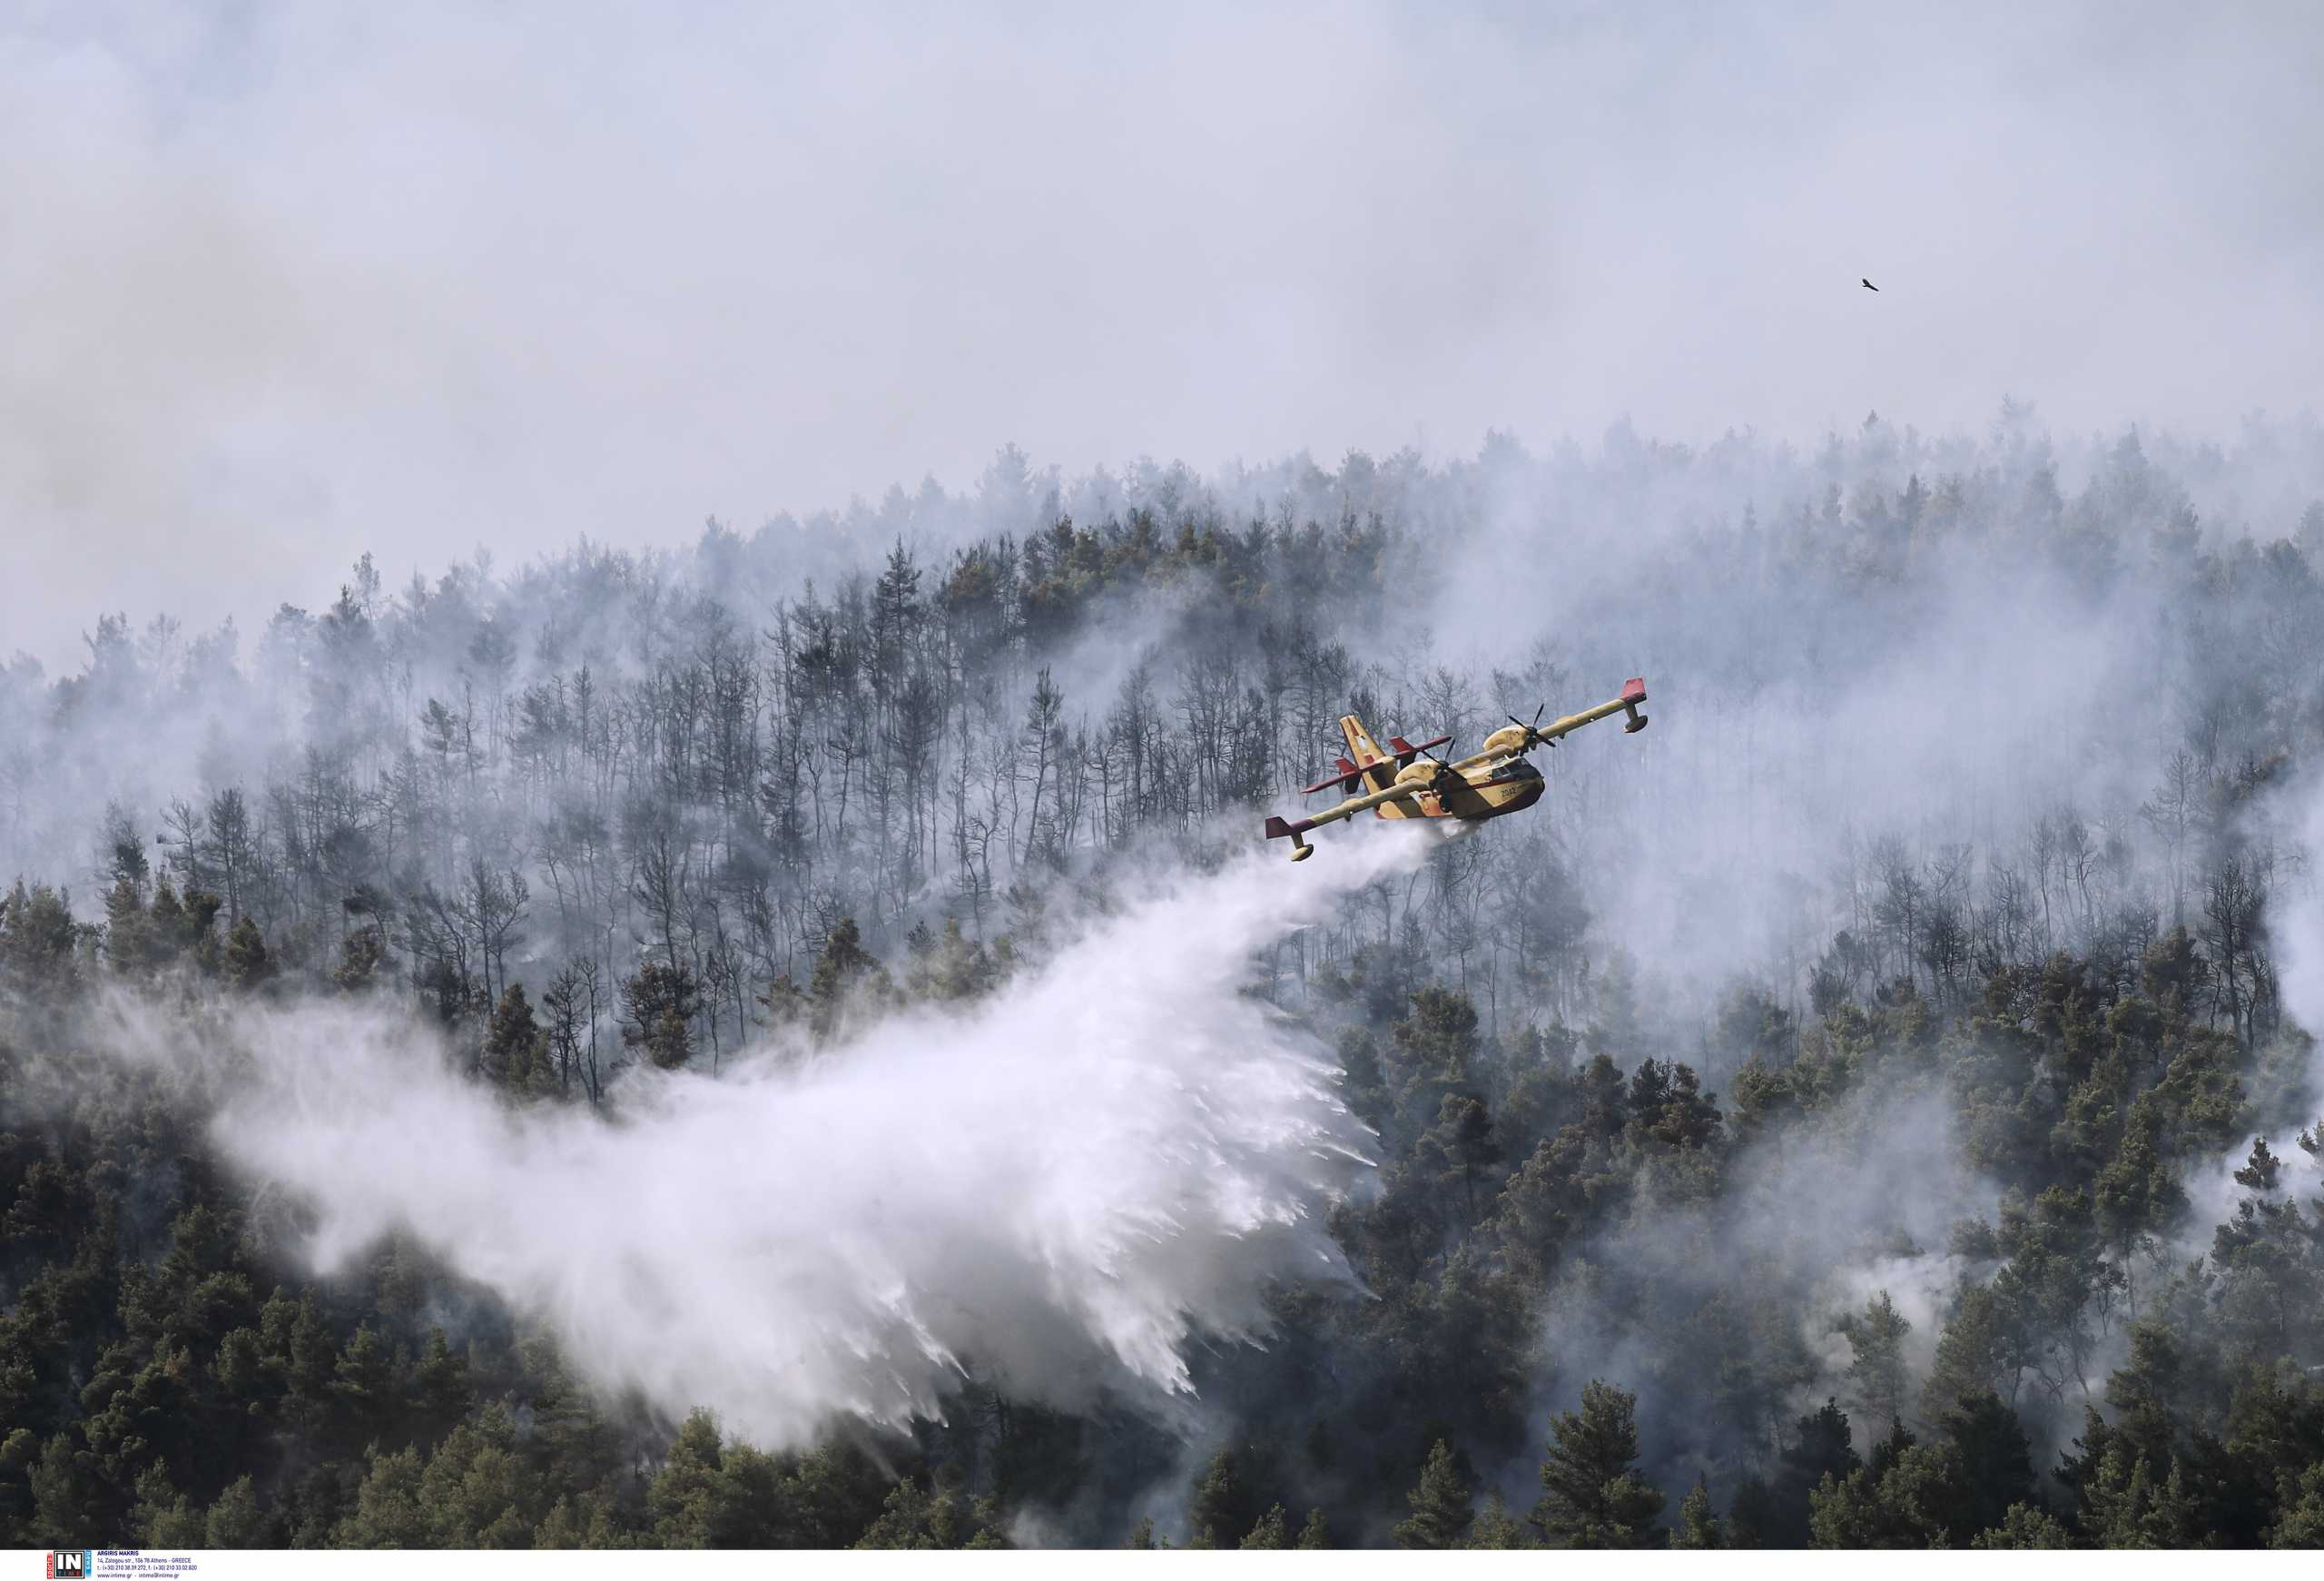 Φωτιά στην Εύβοια: Κερδίζεται η μάχη στο Μετόχι Καρύστου – Οριοθετήθηκε η πυρκαγιά